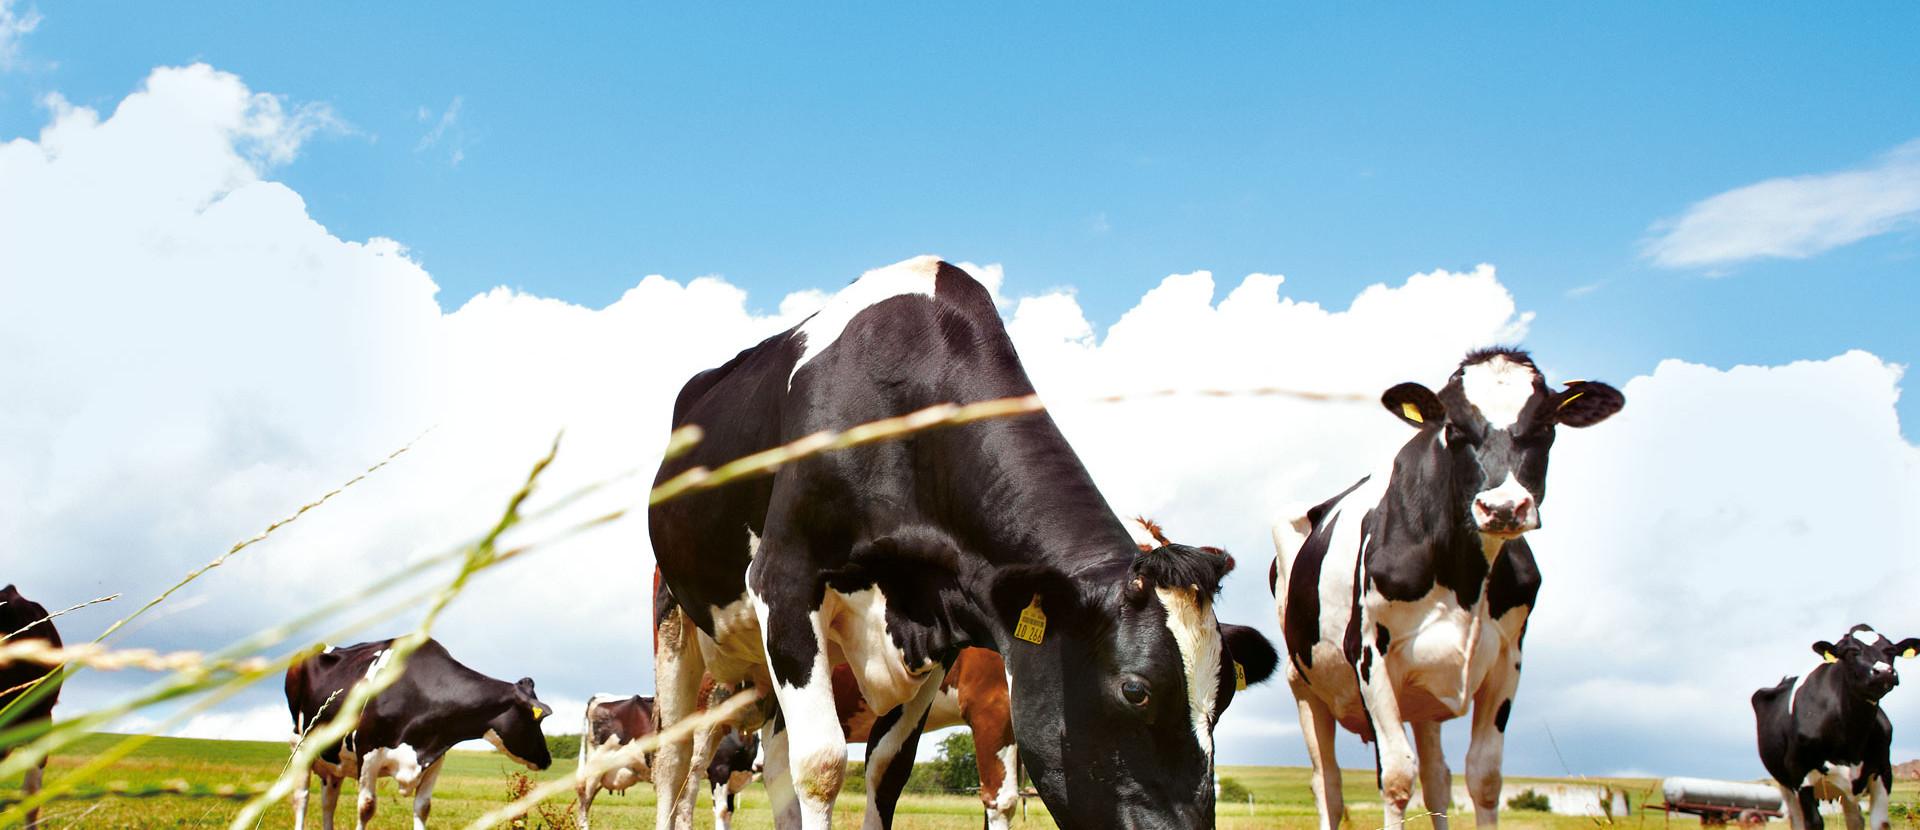 schwarz weiße Kühe stehen auf einer Weide